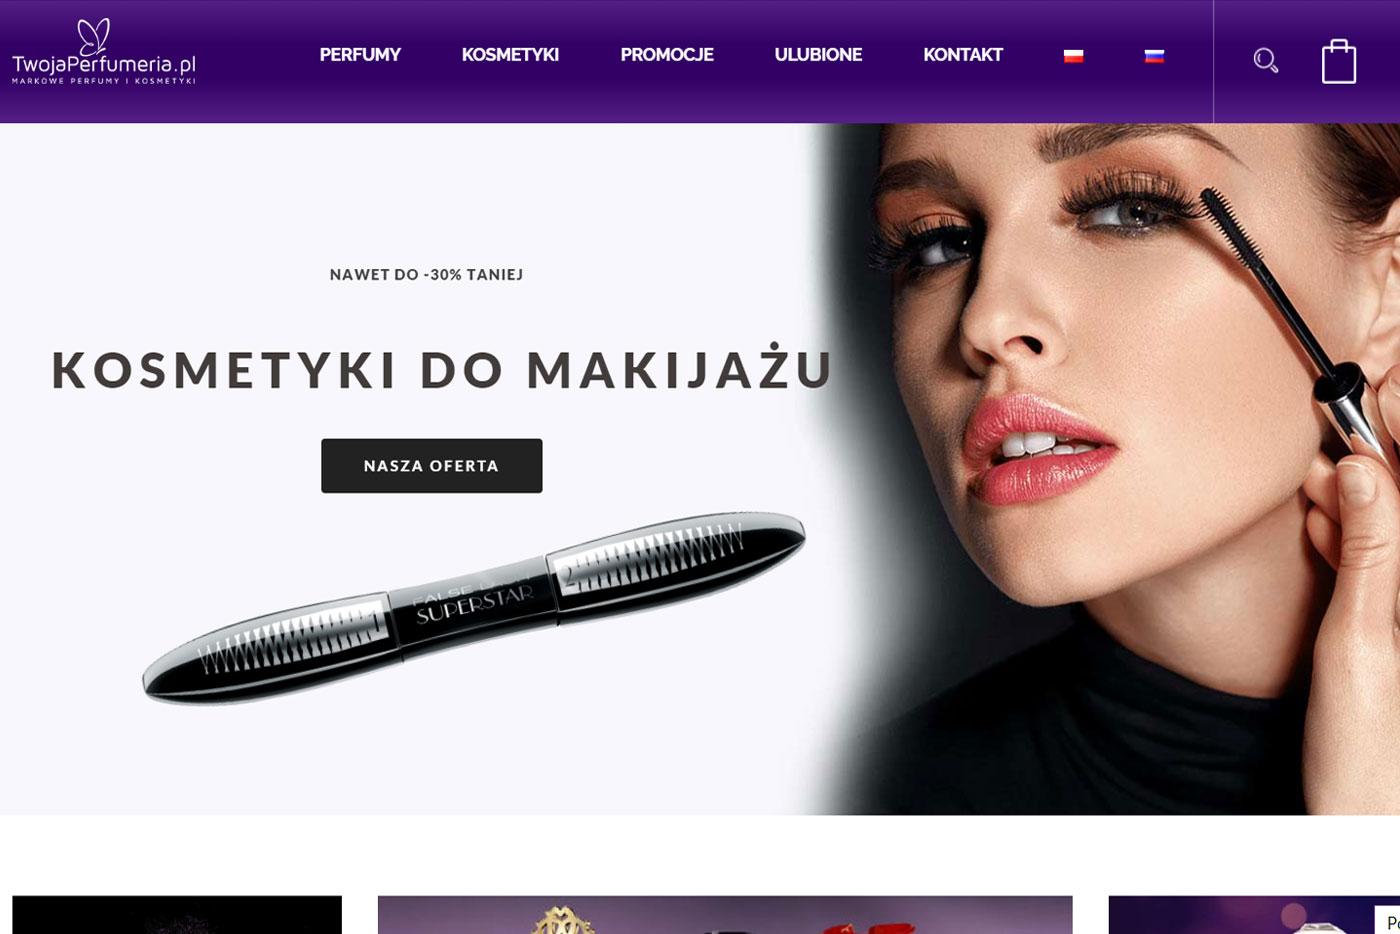 evion-agencja-reklamowa-agencja-marketingowa-białystok-strony-www-sklepy-www-interenetowe-twojaperfumeria